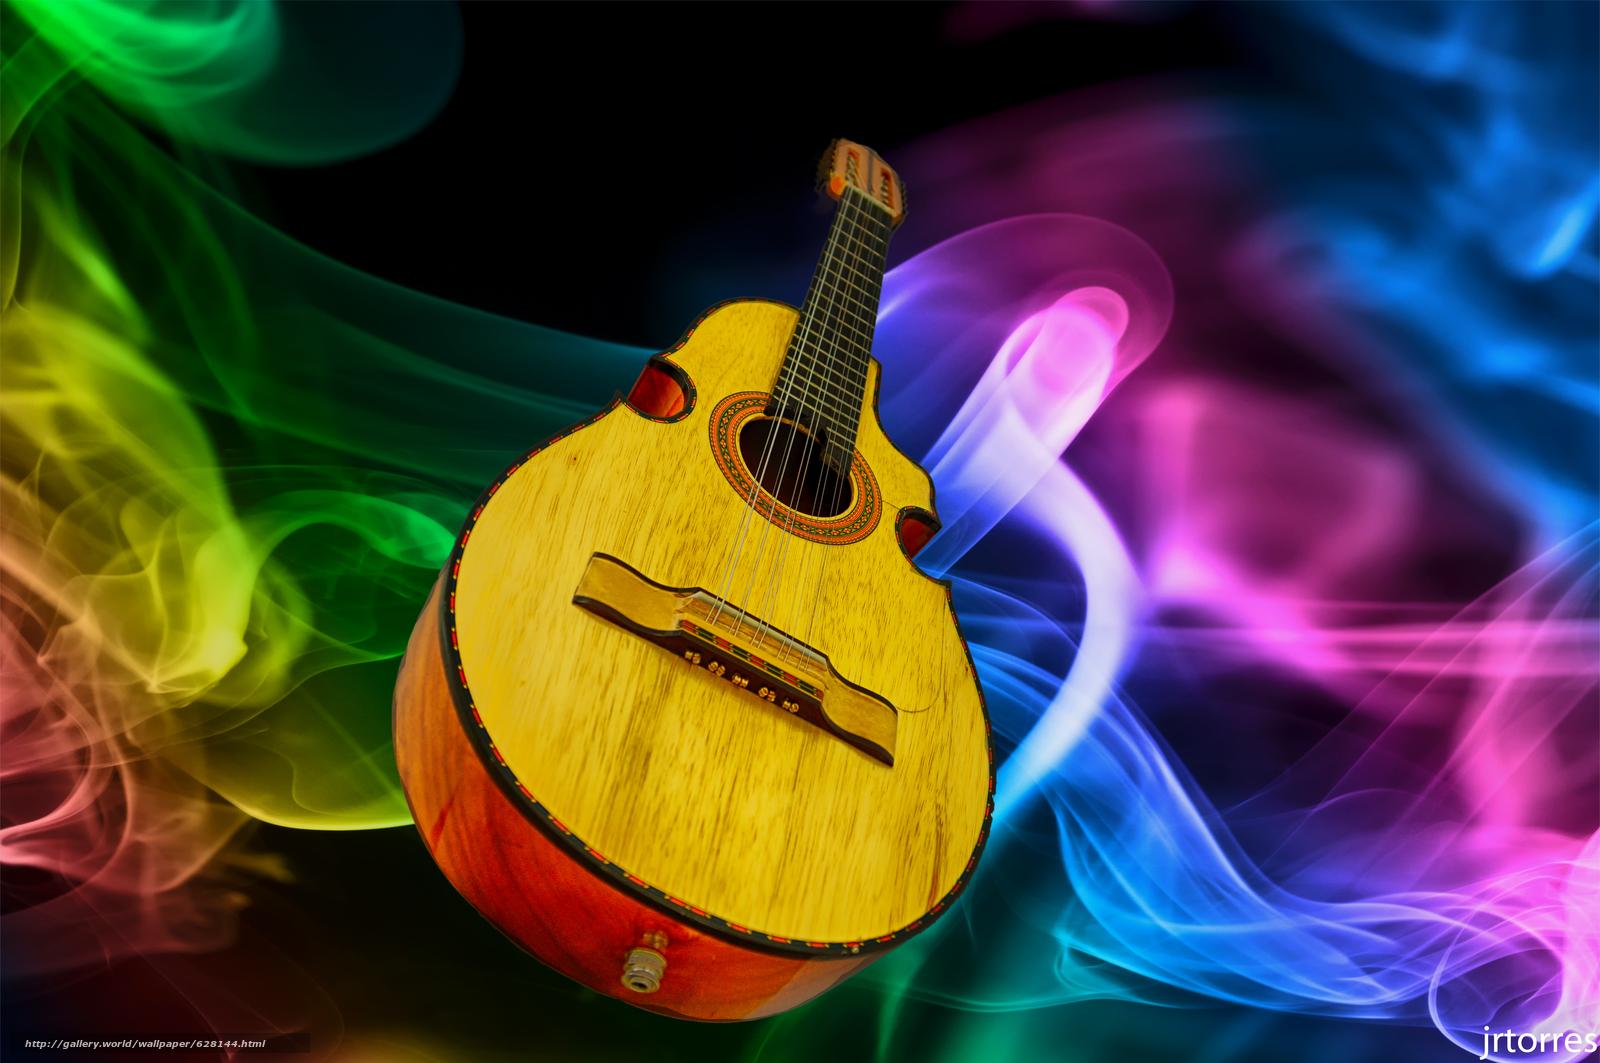 Скачать на телефон обои фото картинку на тему музыкальный, инструмент, гитара, разширение 6010x3993